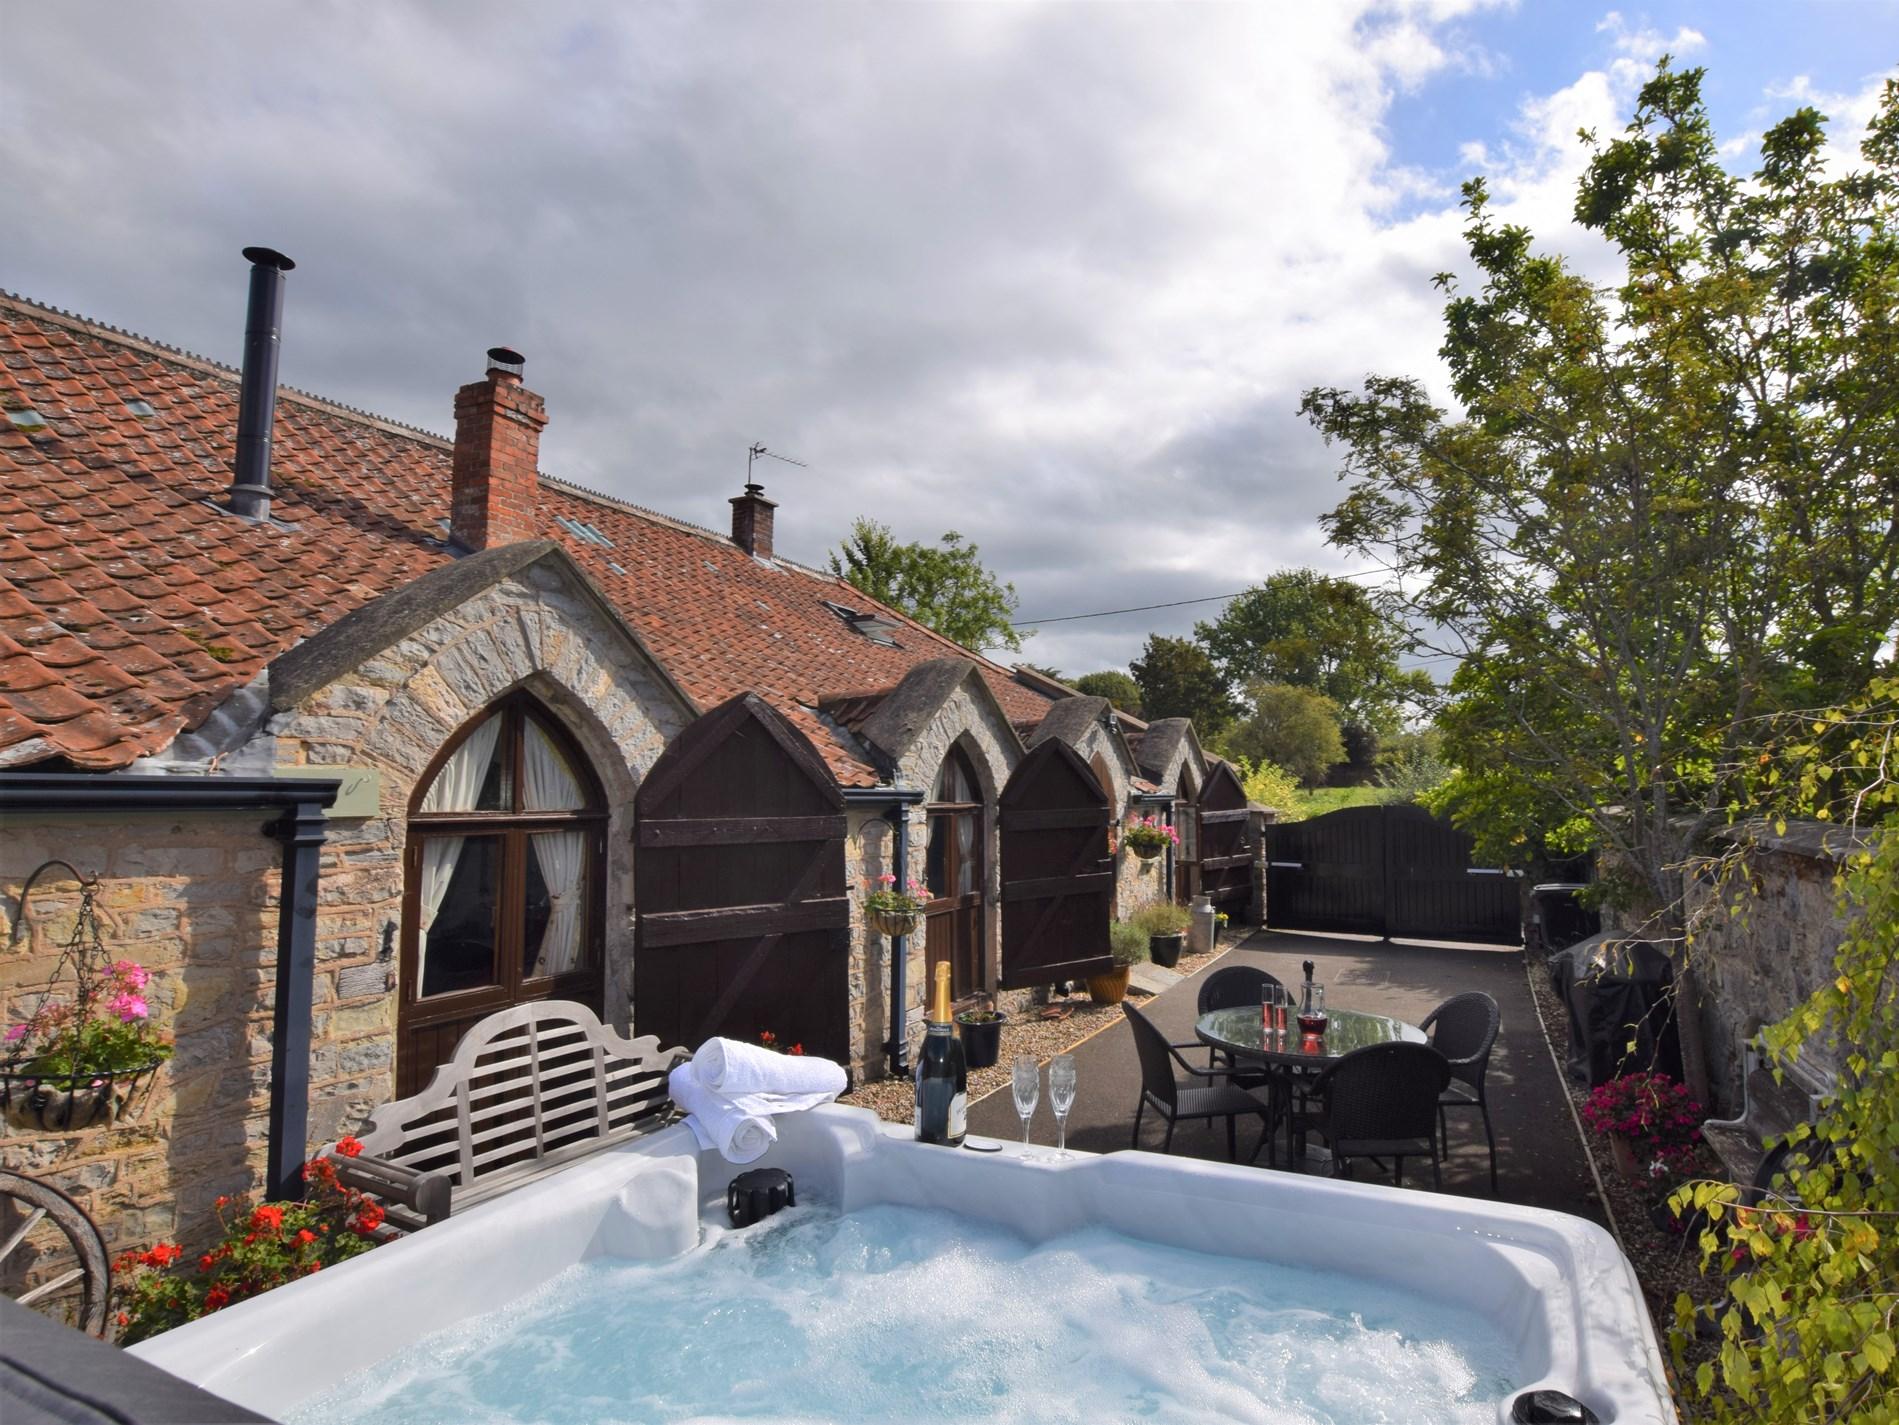 Ferienhaus in Glastonbury